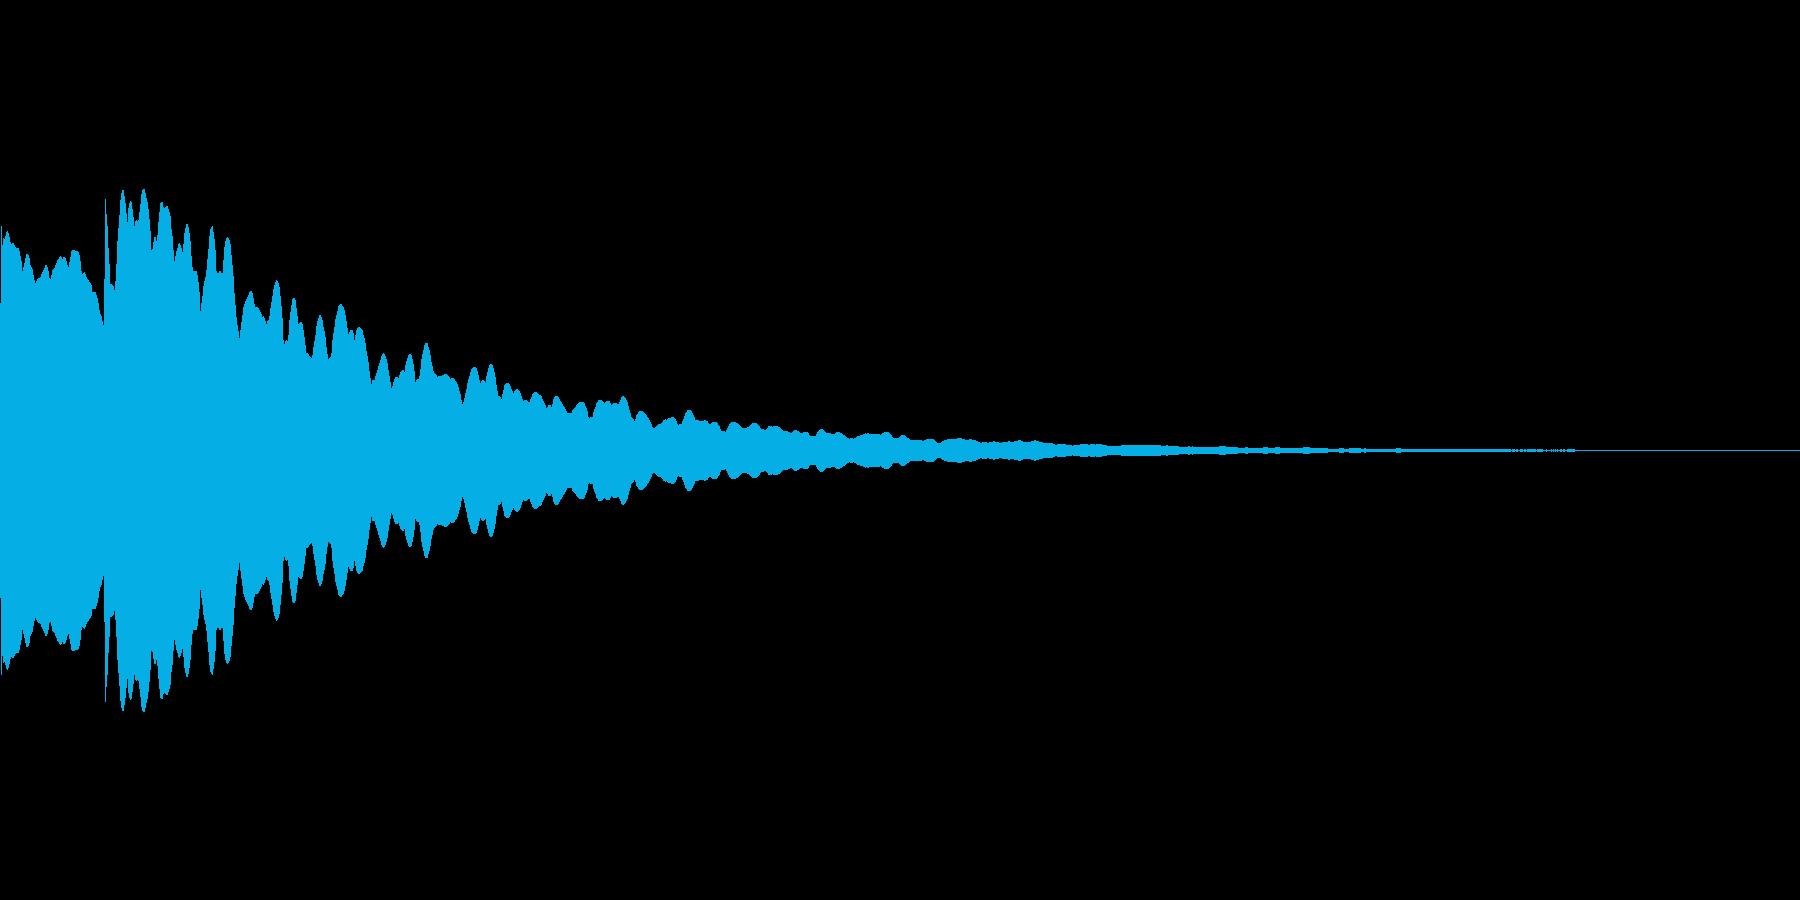 光イメージ音 ピキーン_02_モノの再生済みの波形